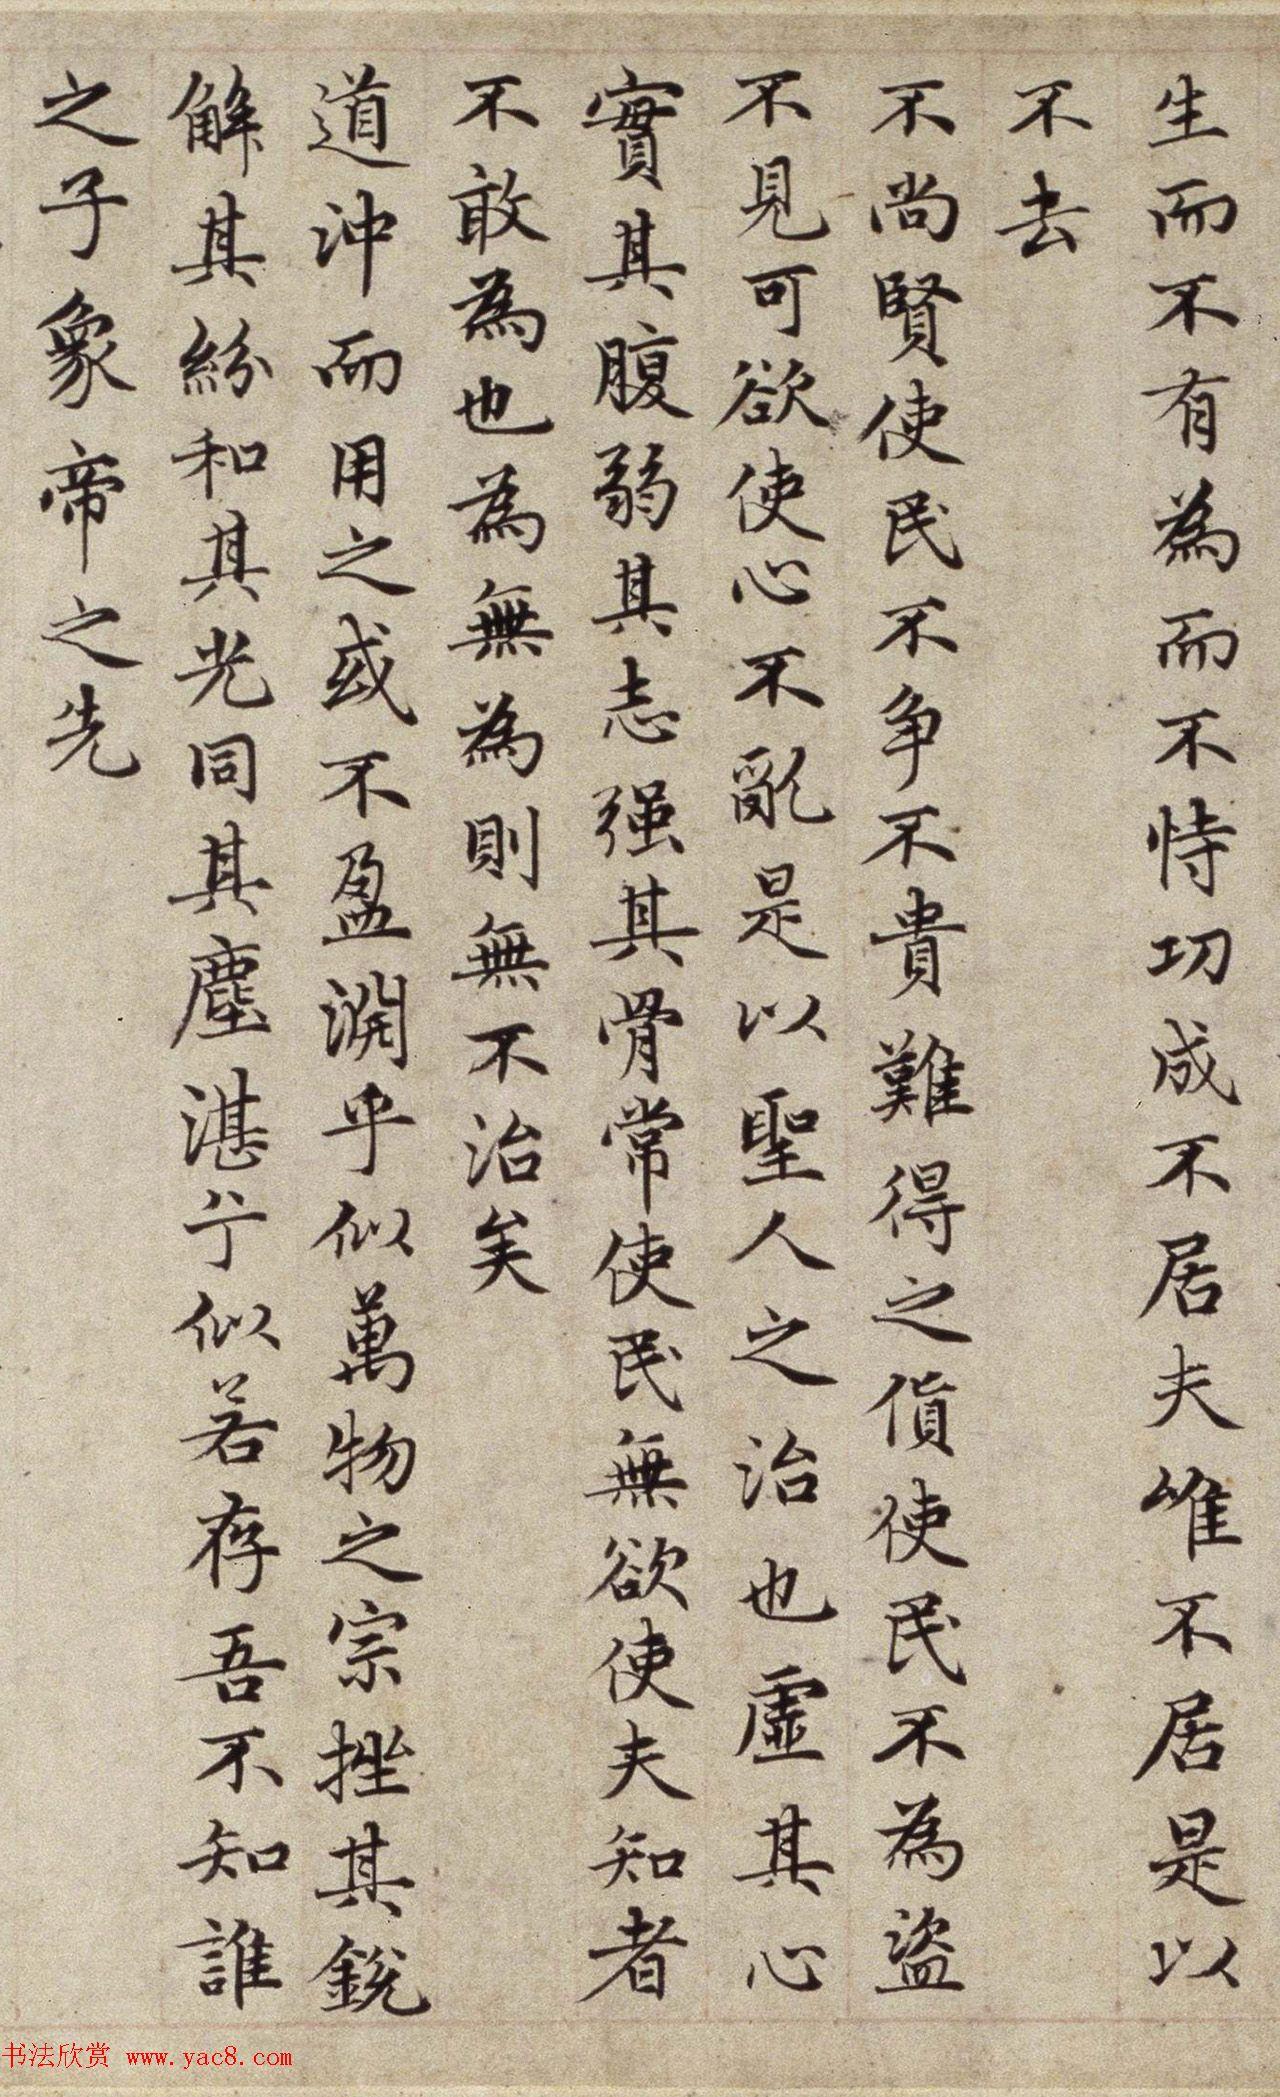 赵孟頫款小楷道德经卷